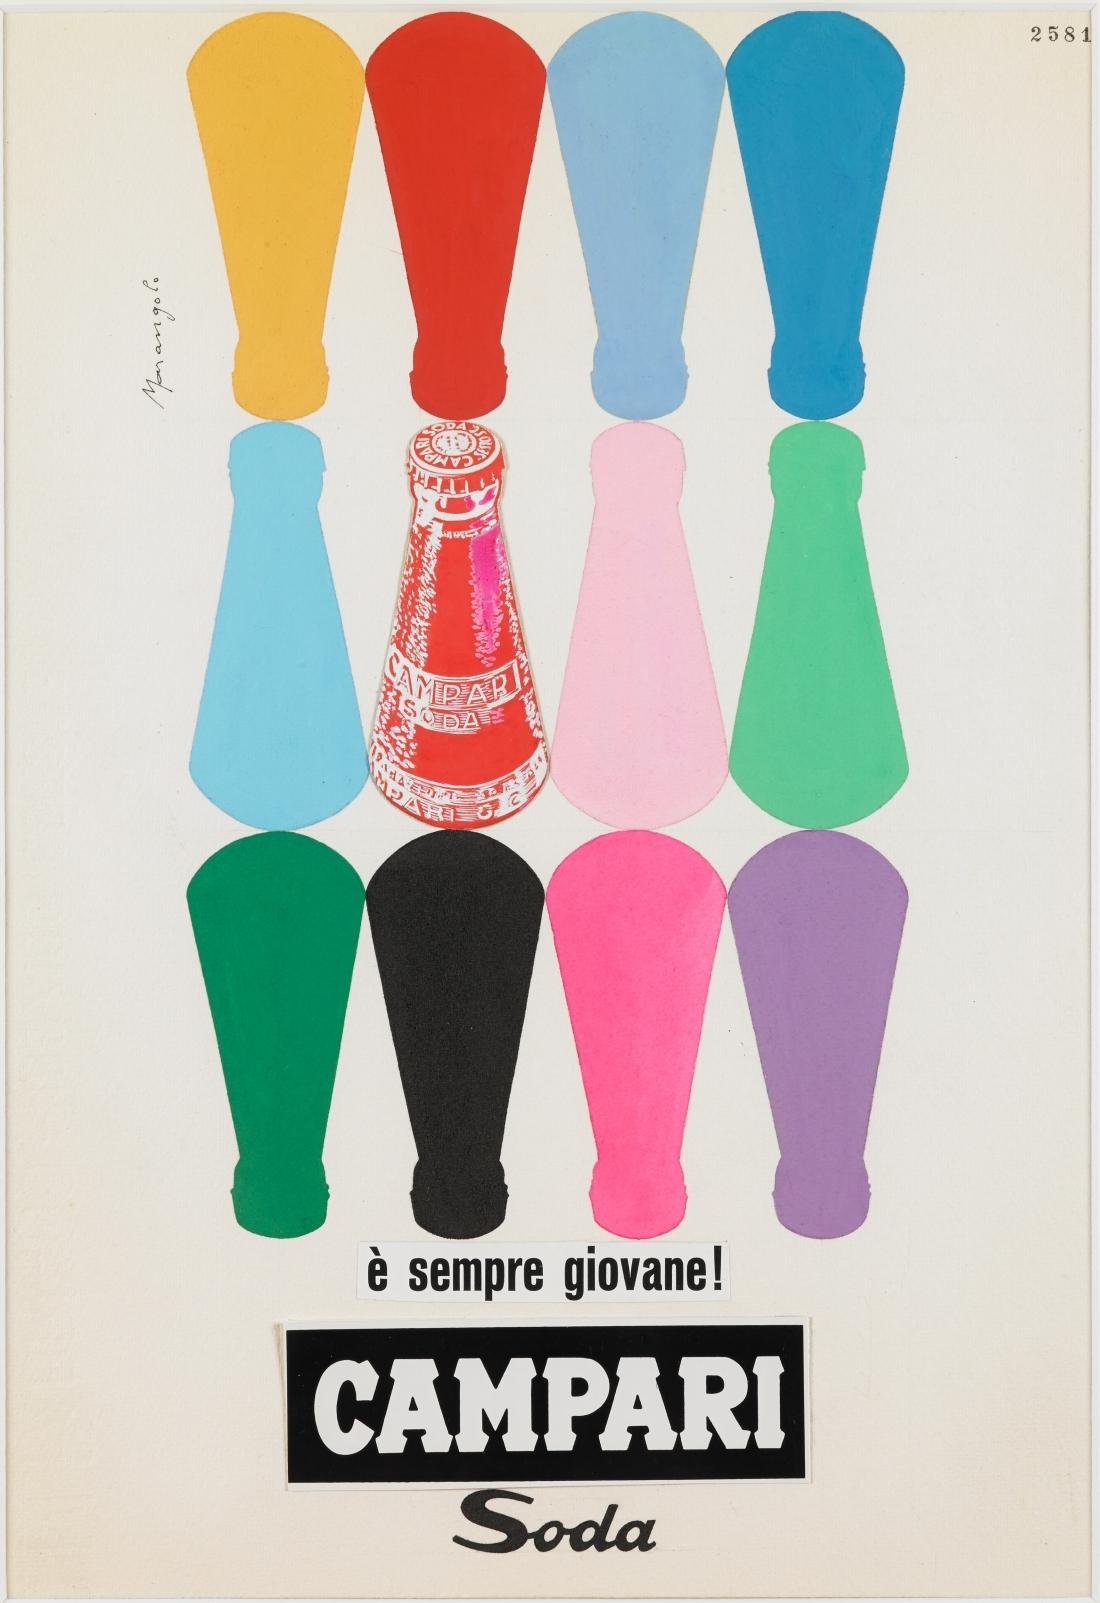 Franz Marangolo, Campari Soda è sempre giovane!, 1960s. Campari Soda is always Young! Mixed media